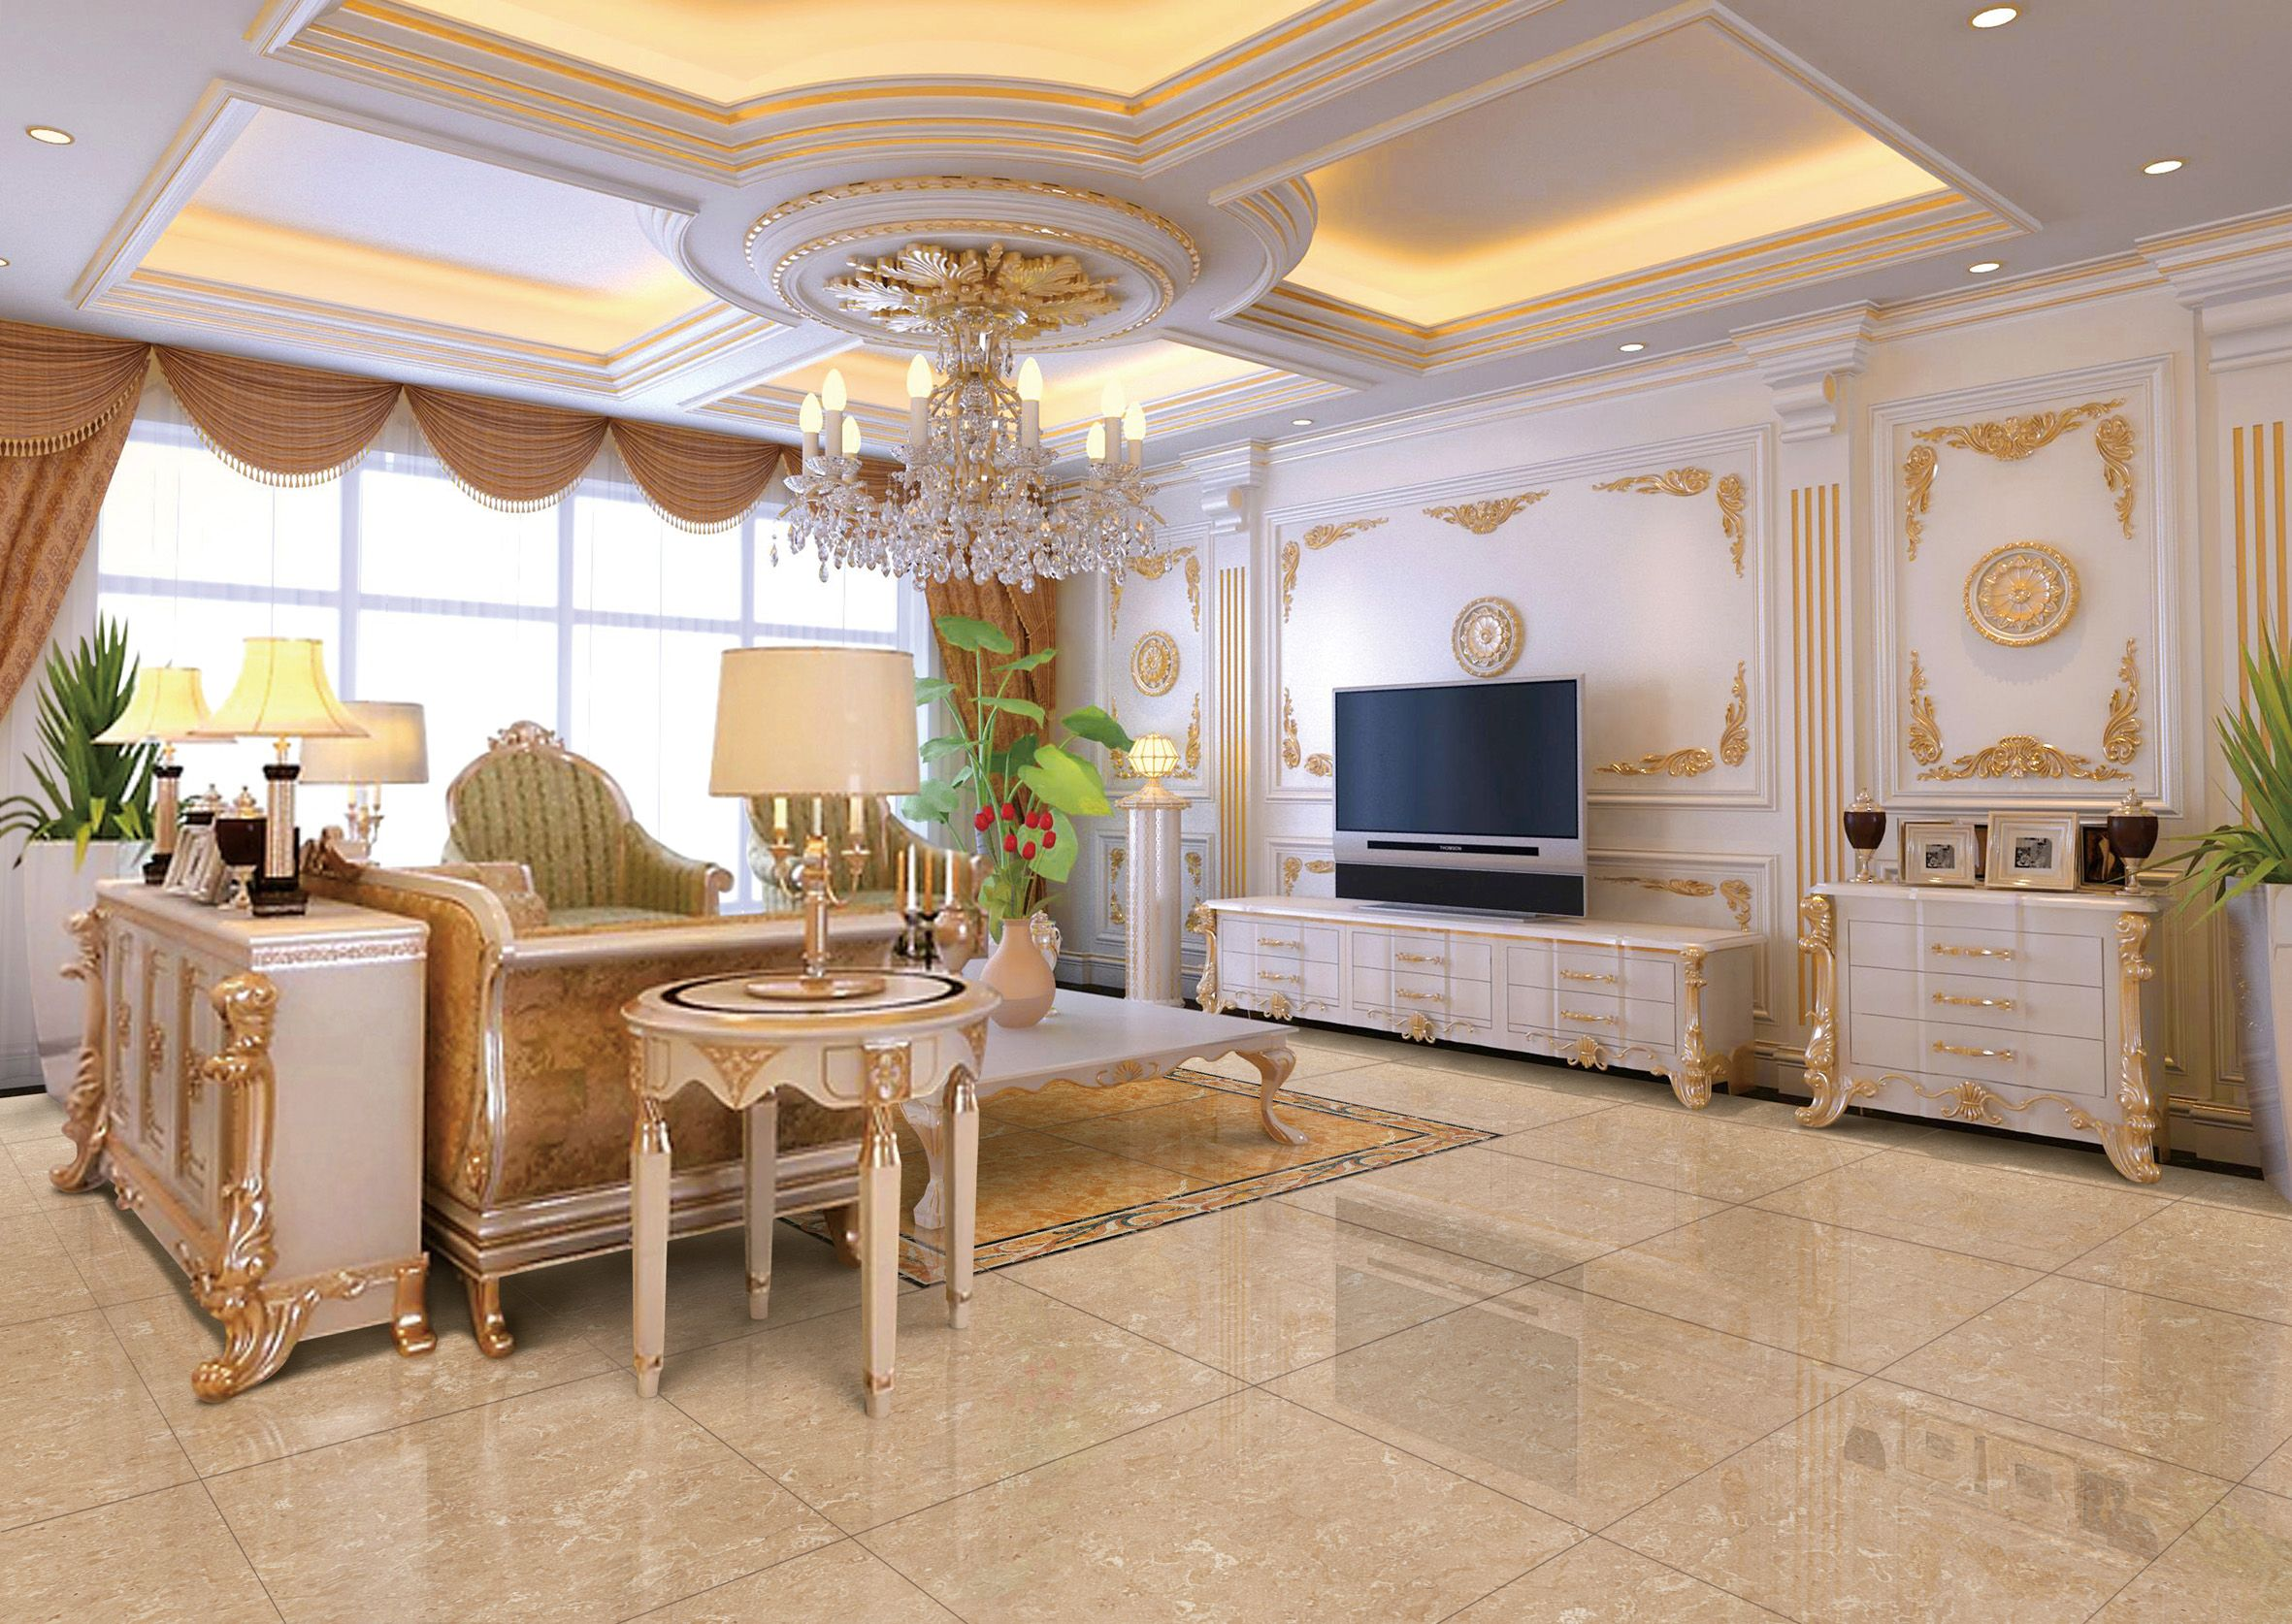 Beige Color Tiles Porcelain Tiles For Floor Color Tile Elegant Living Room House Design